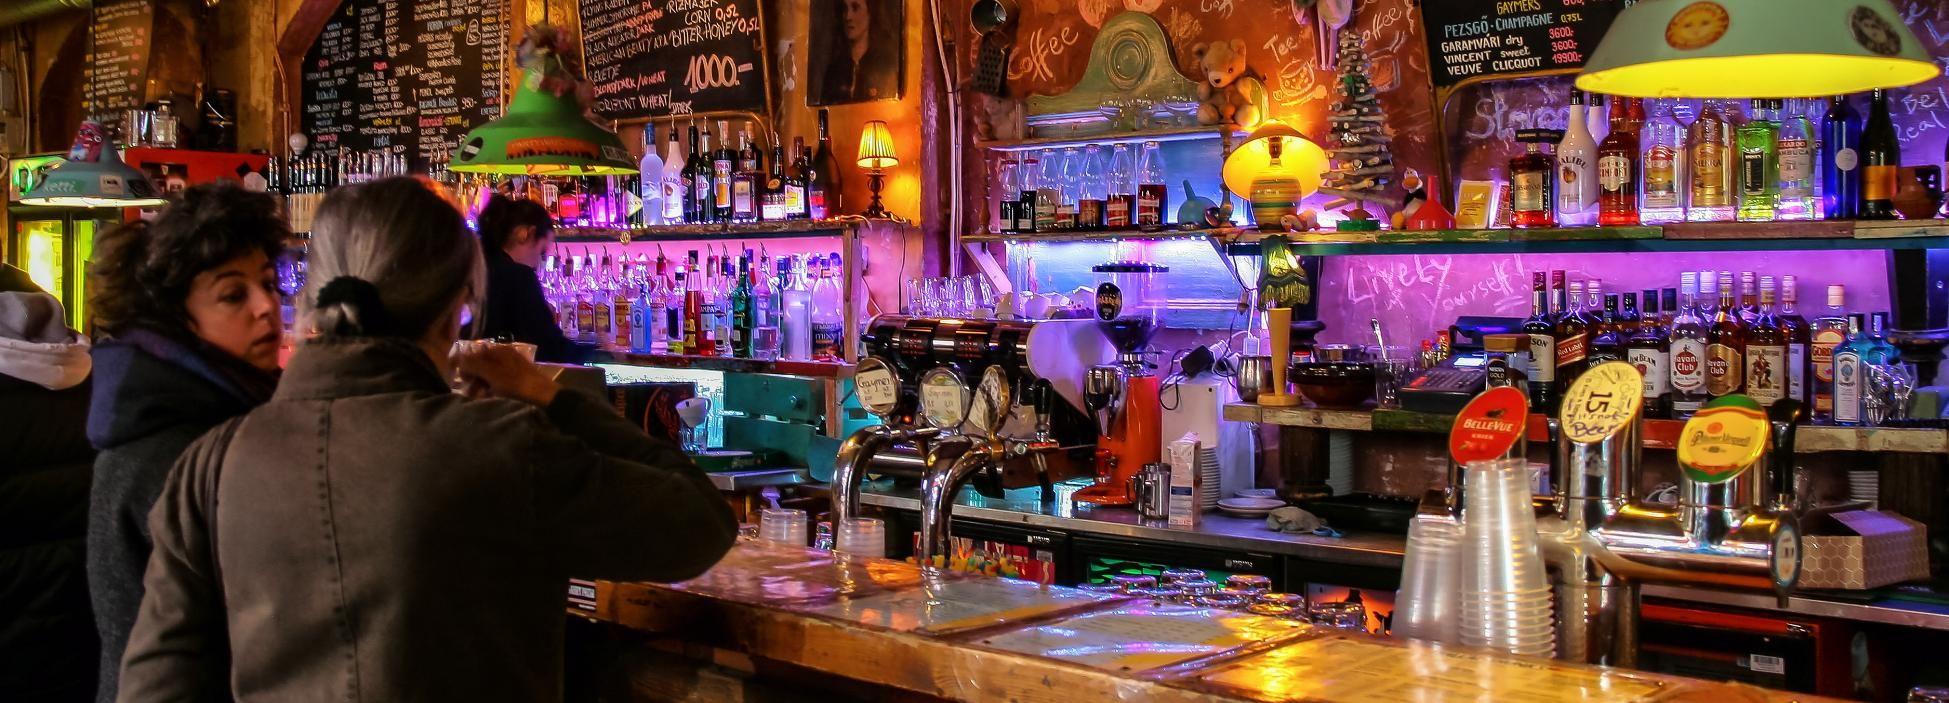 Budapest: Ruin Bar Erfahrung mit Getränken